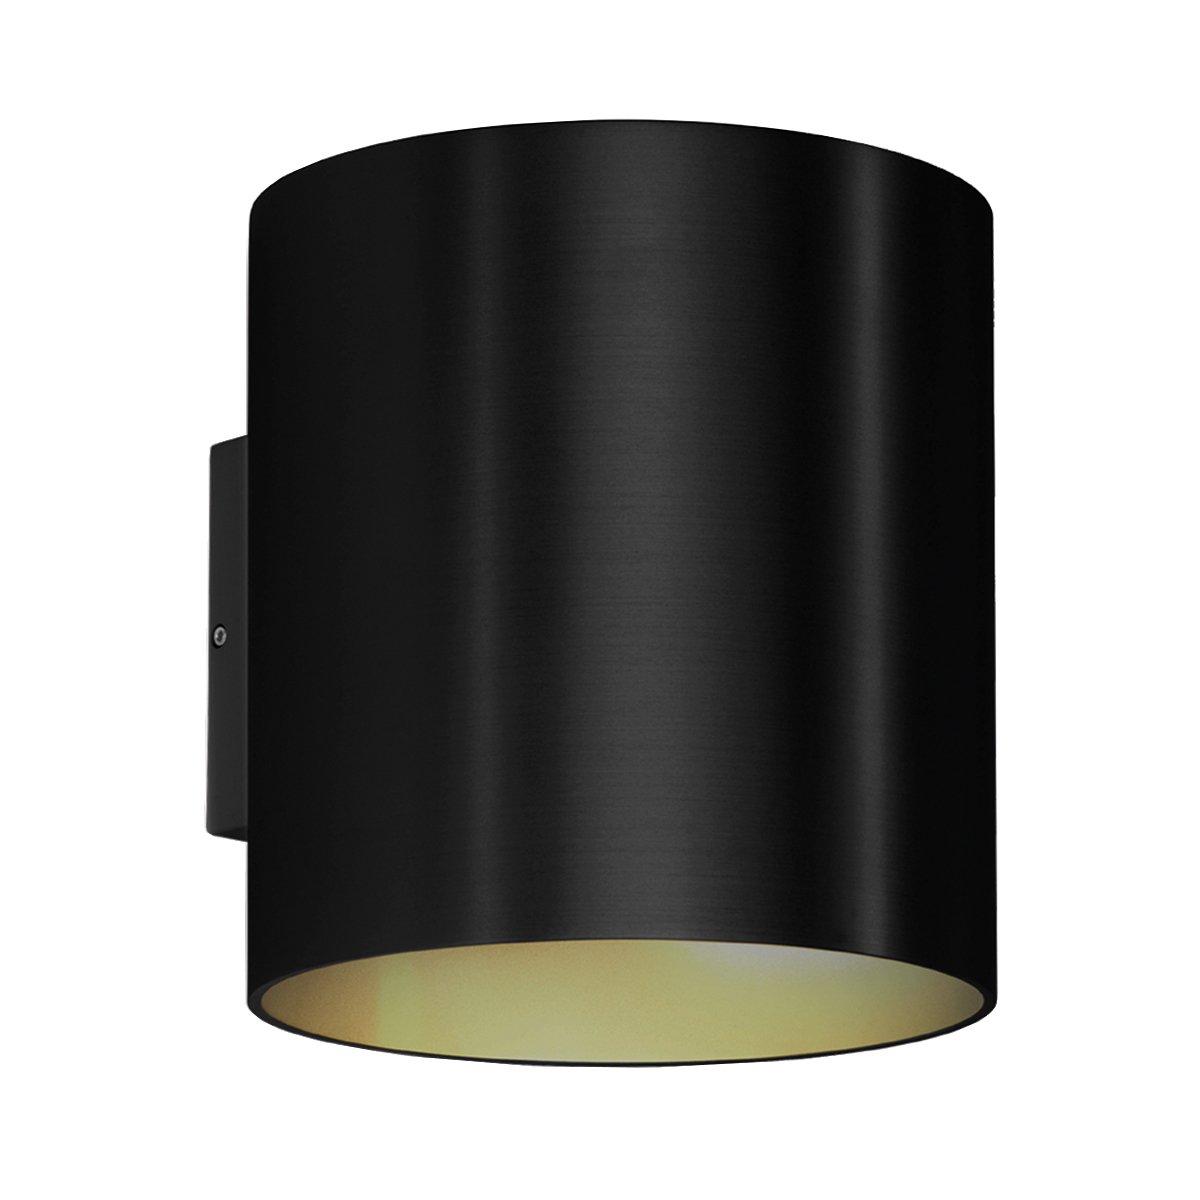 Wever & Ducr� Ray 4.0 Outdoor Wandlamp Zwart - 3000 Kelvin